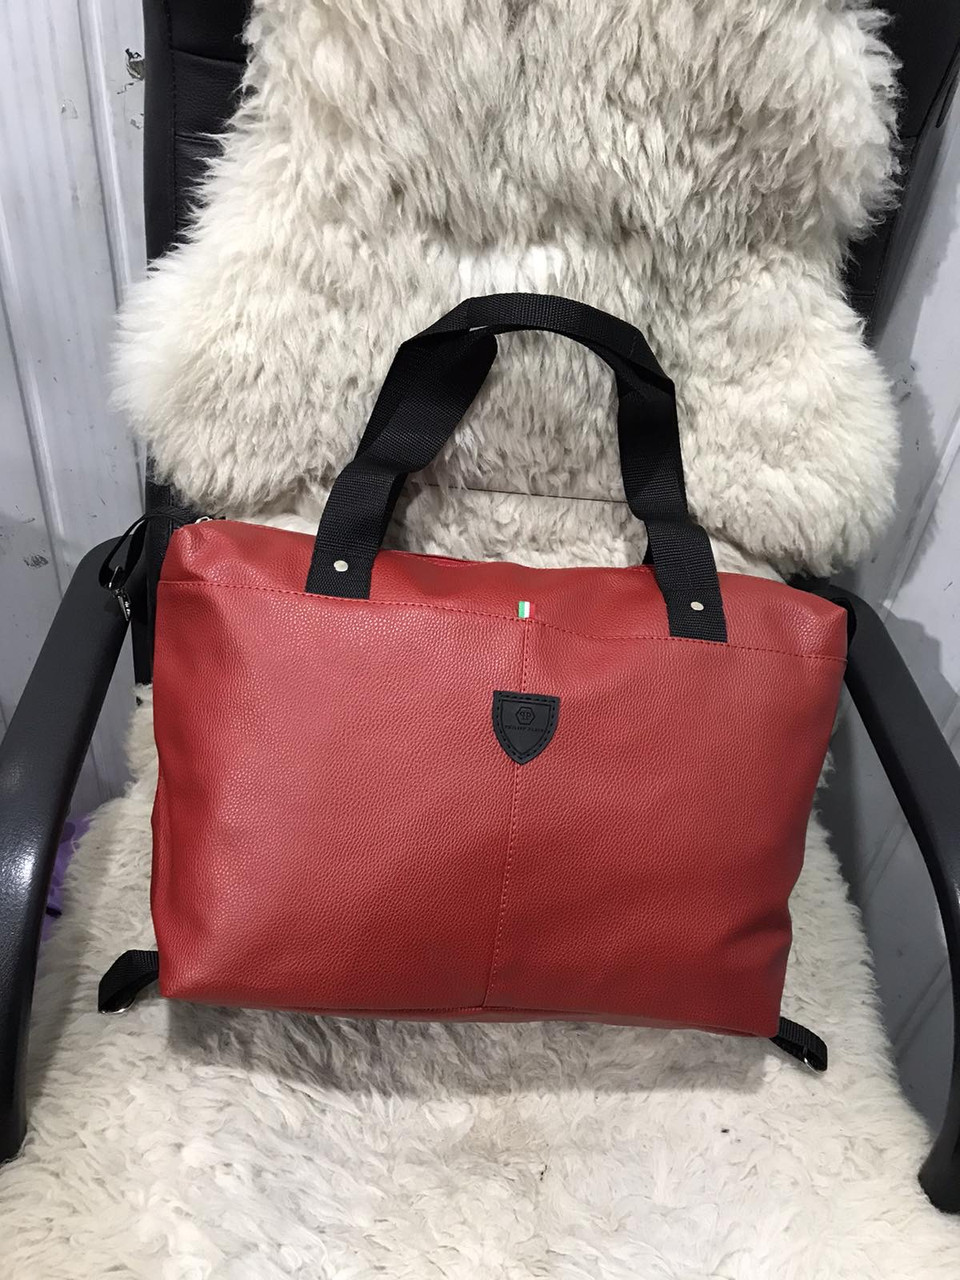 Жіноча дорожня сумка штучна шкіра червона